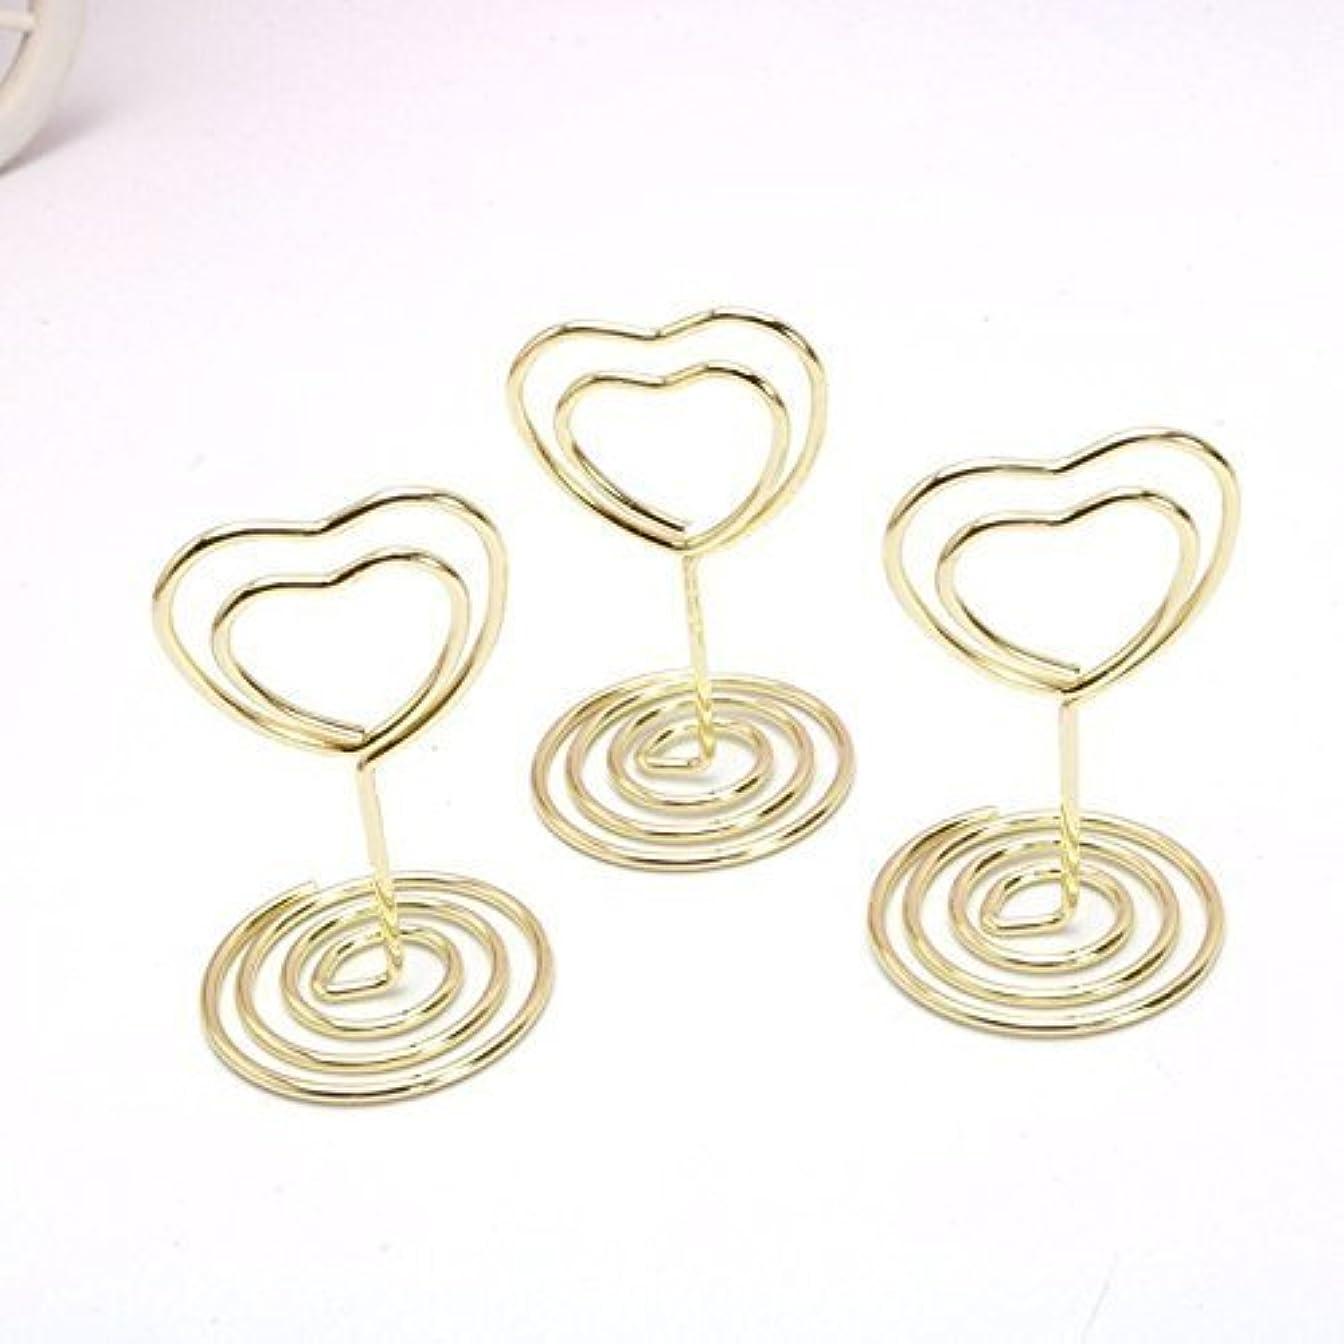 するだろう組微妙JANOU Mini Heart Shape Place Card Memo Holder Picture Stand Note Clip for Wedding Party Decoration Pack 10pcs (Gold) [並行輸入品]